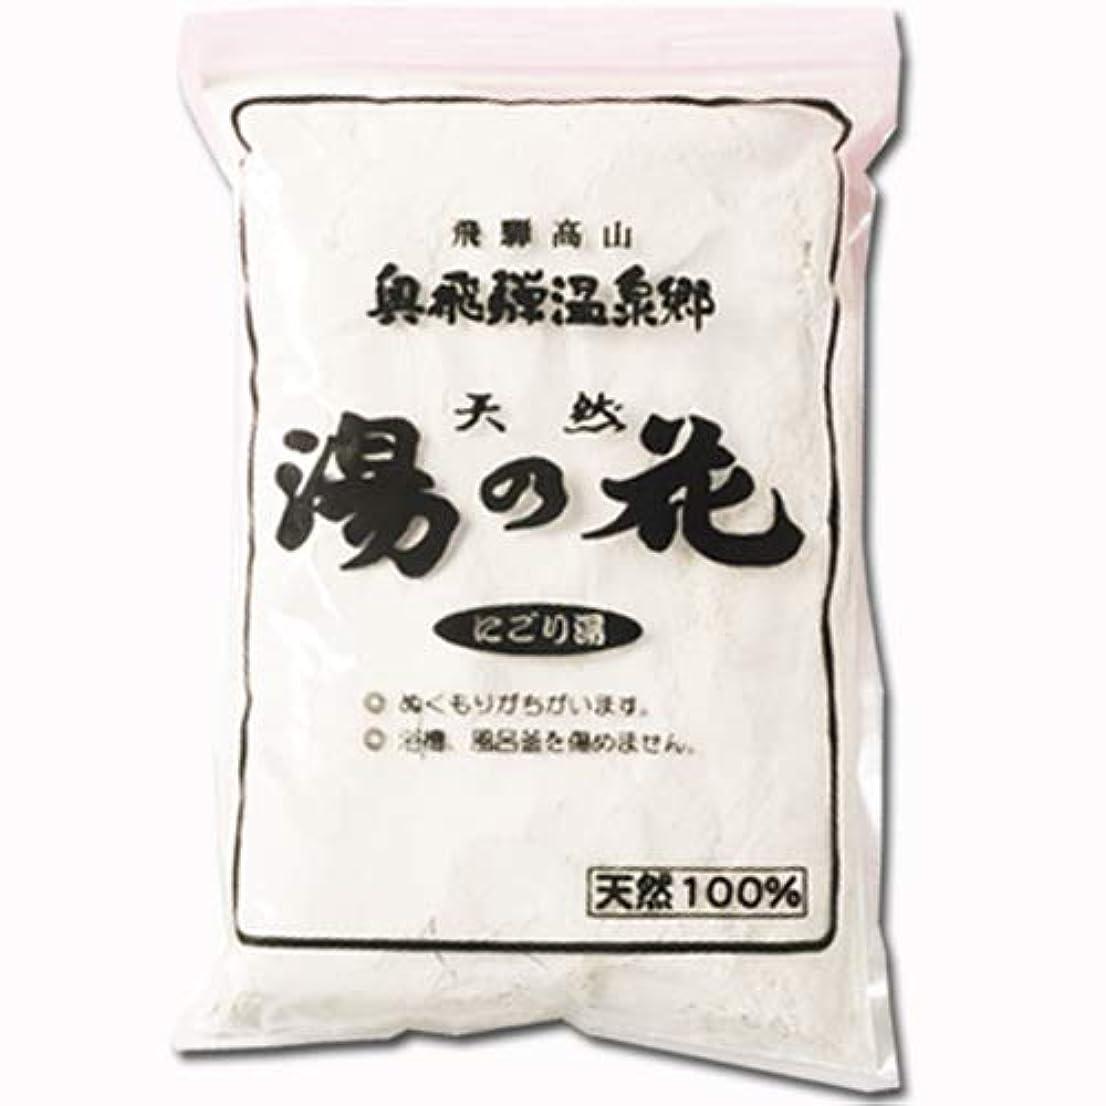 天然湯の花 (業務用) 1kg (飛騨高山温泉郷 にごり湯)